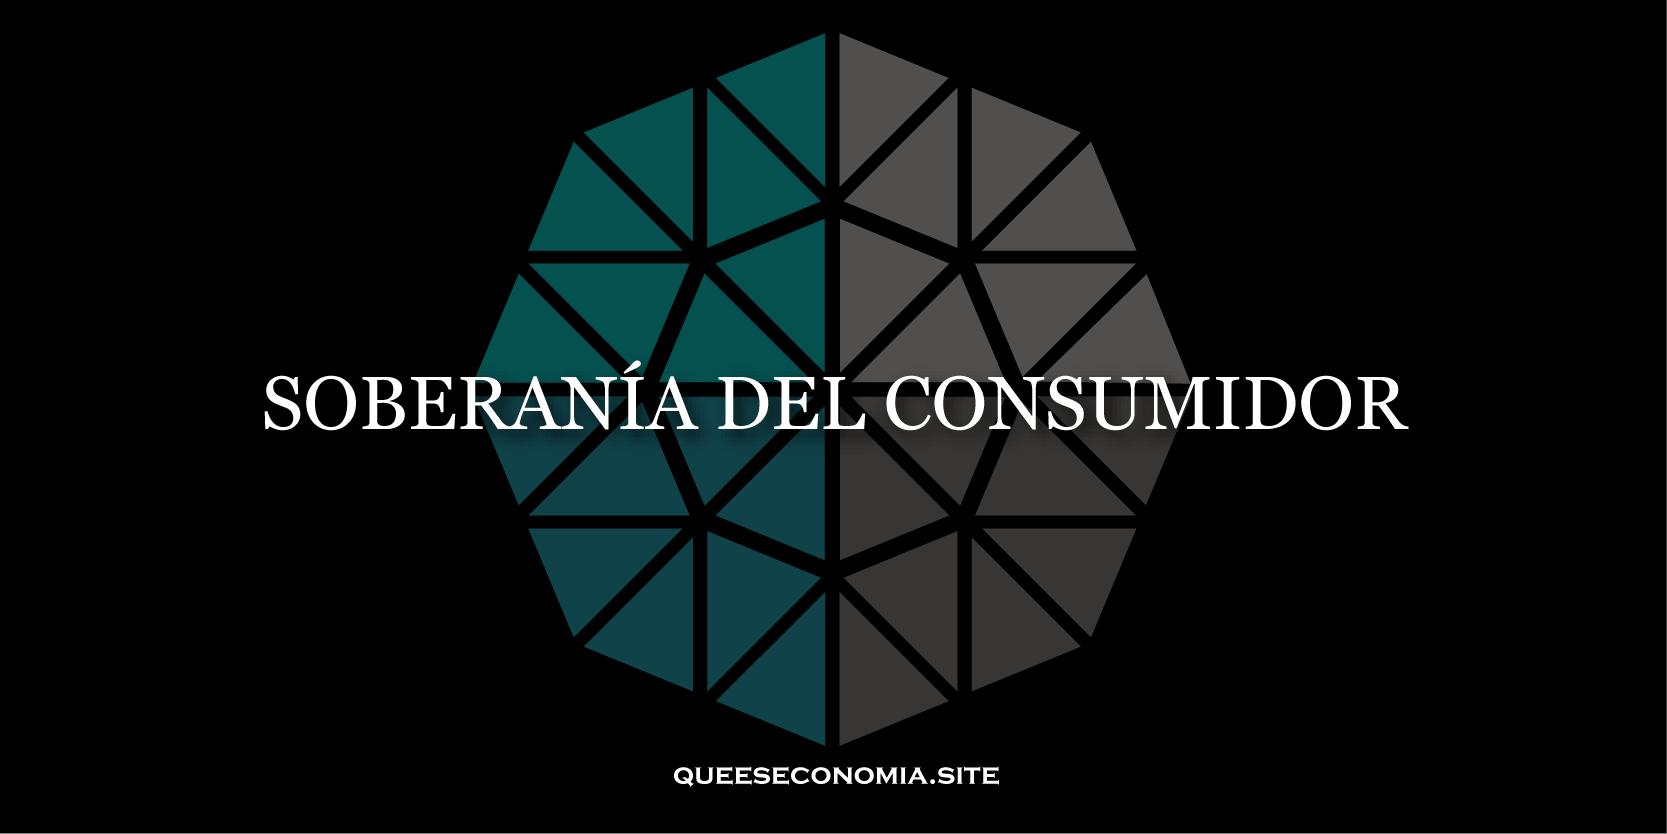 soberanía del consumidor